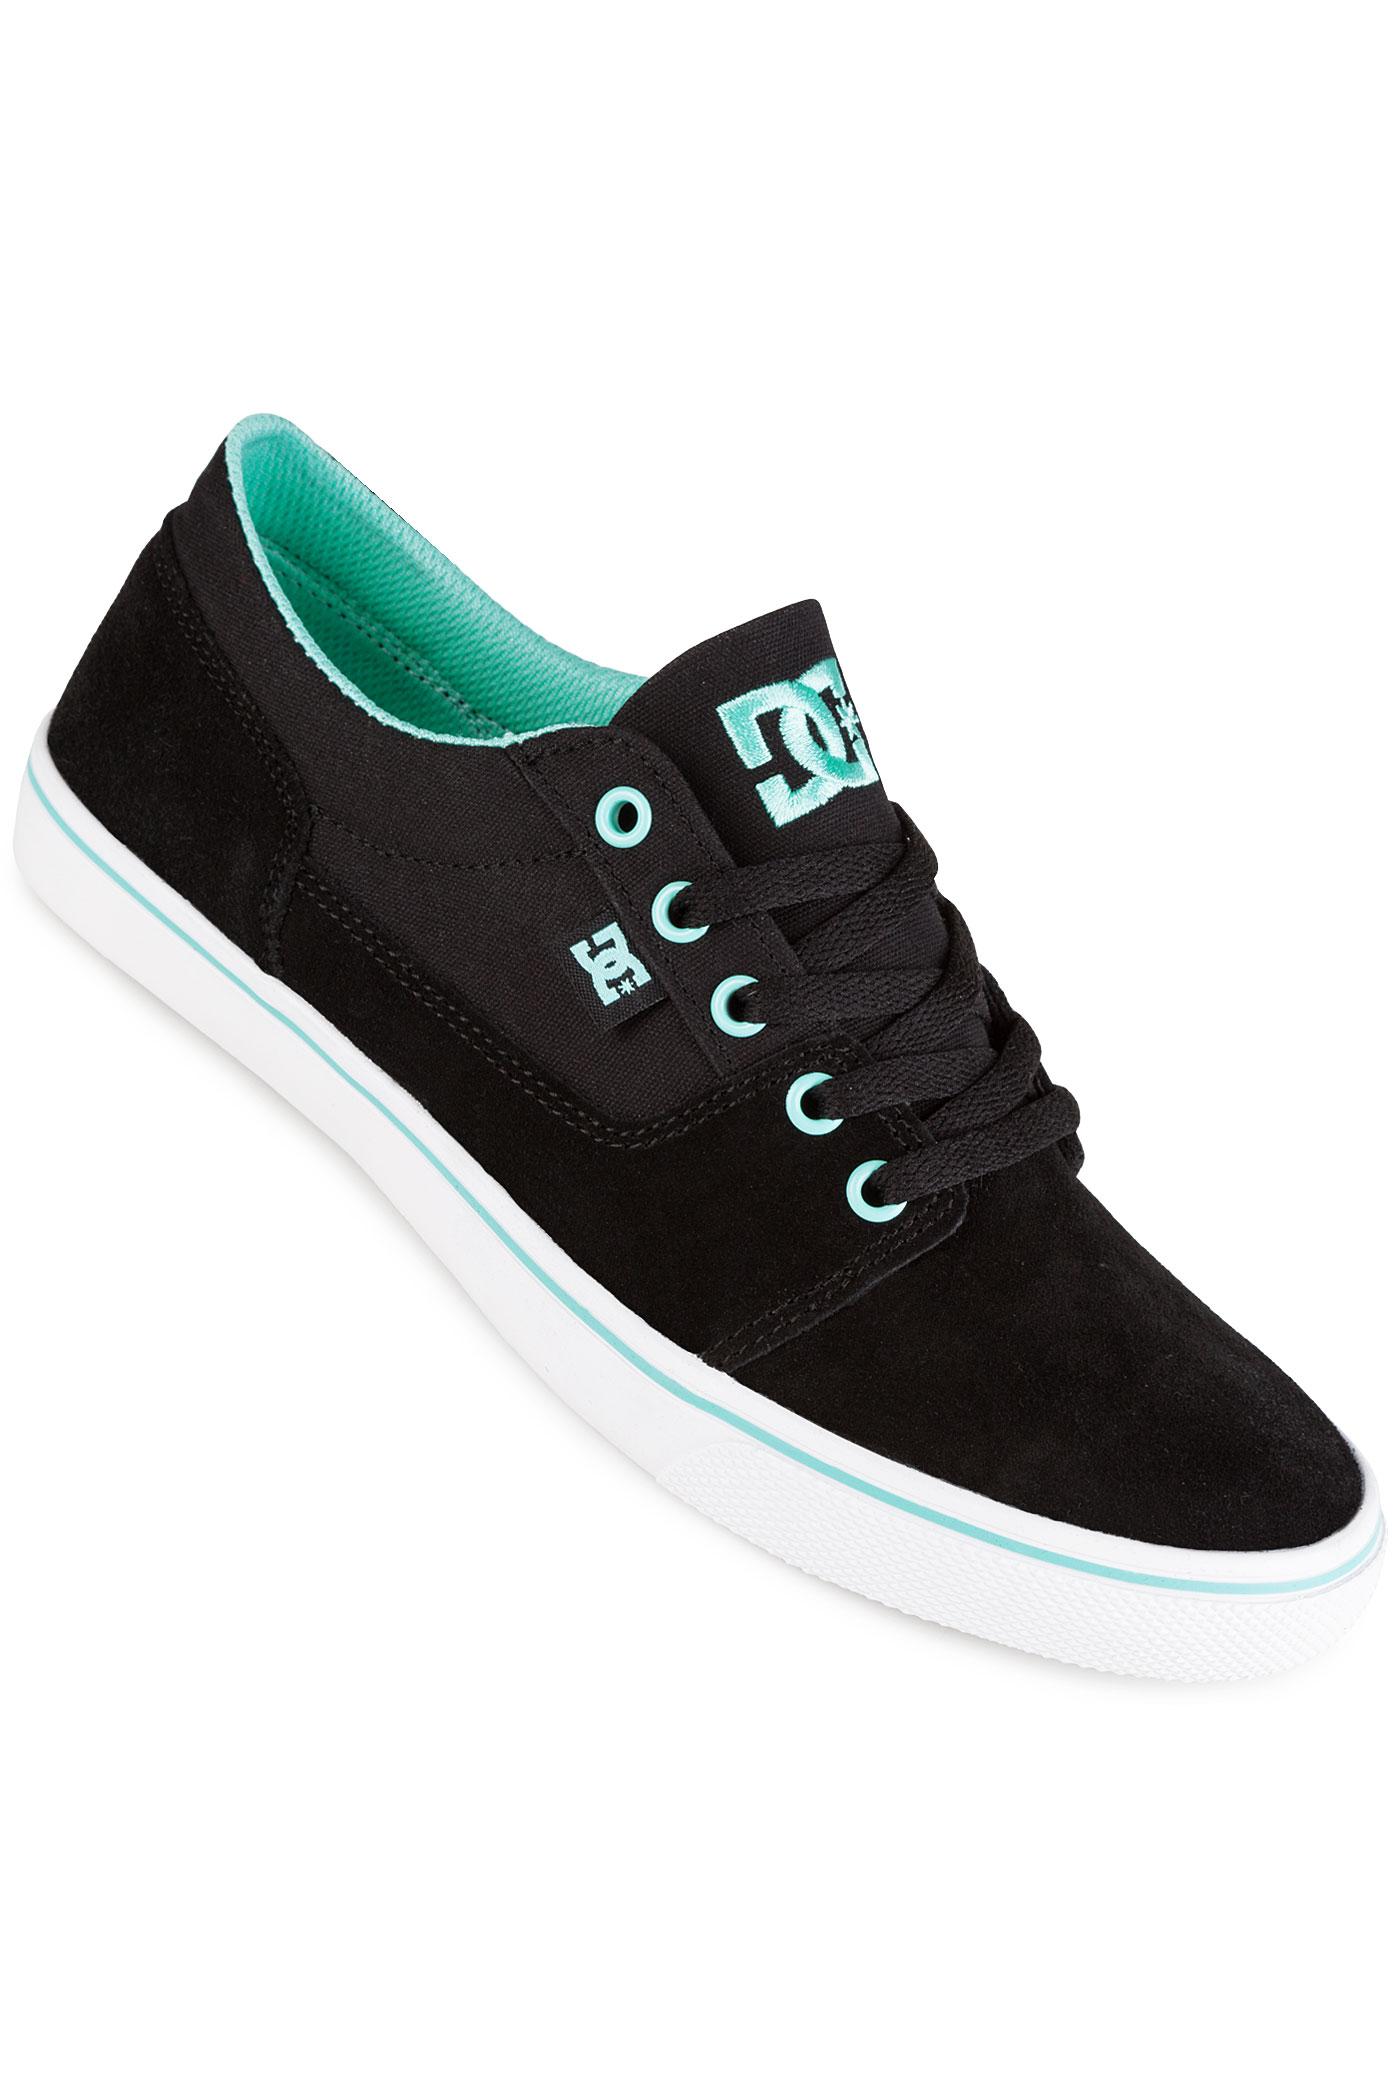 Dc Tonik Shoes Women Black Aqua